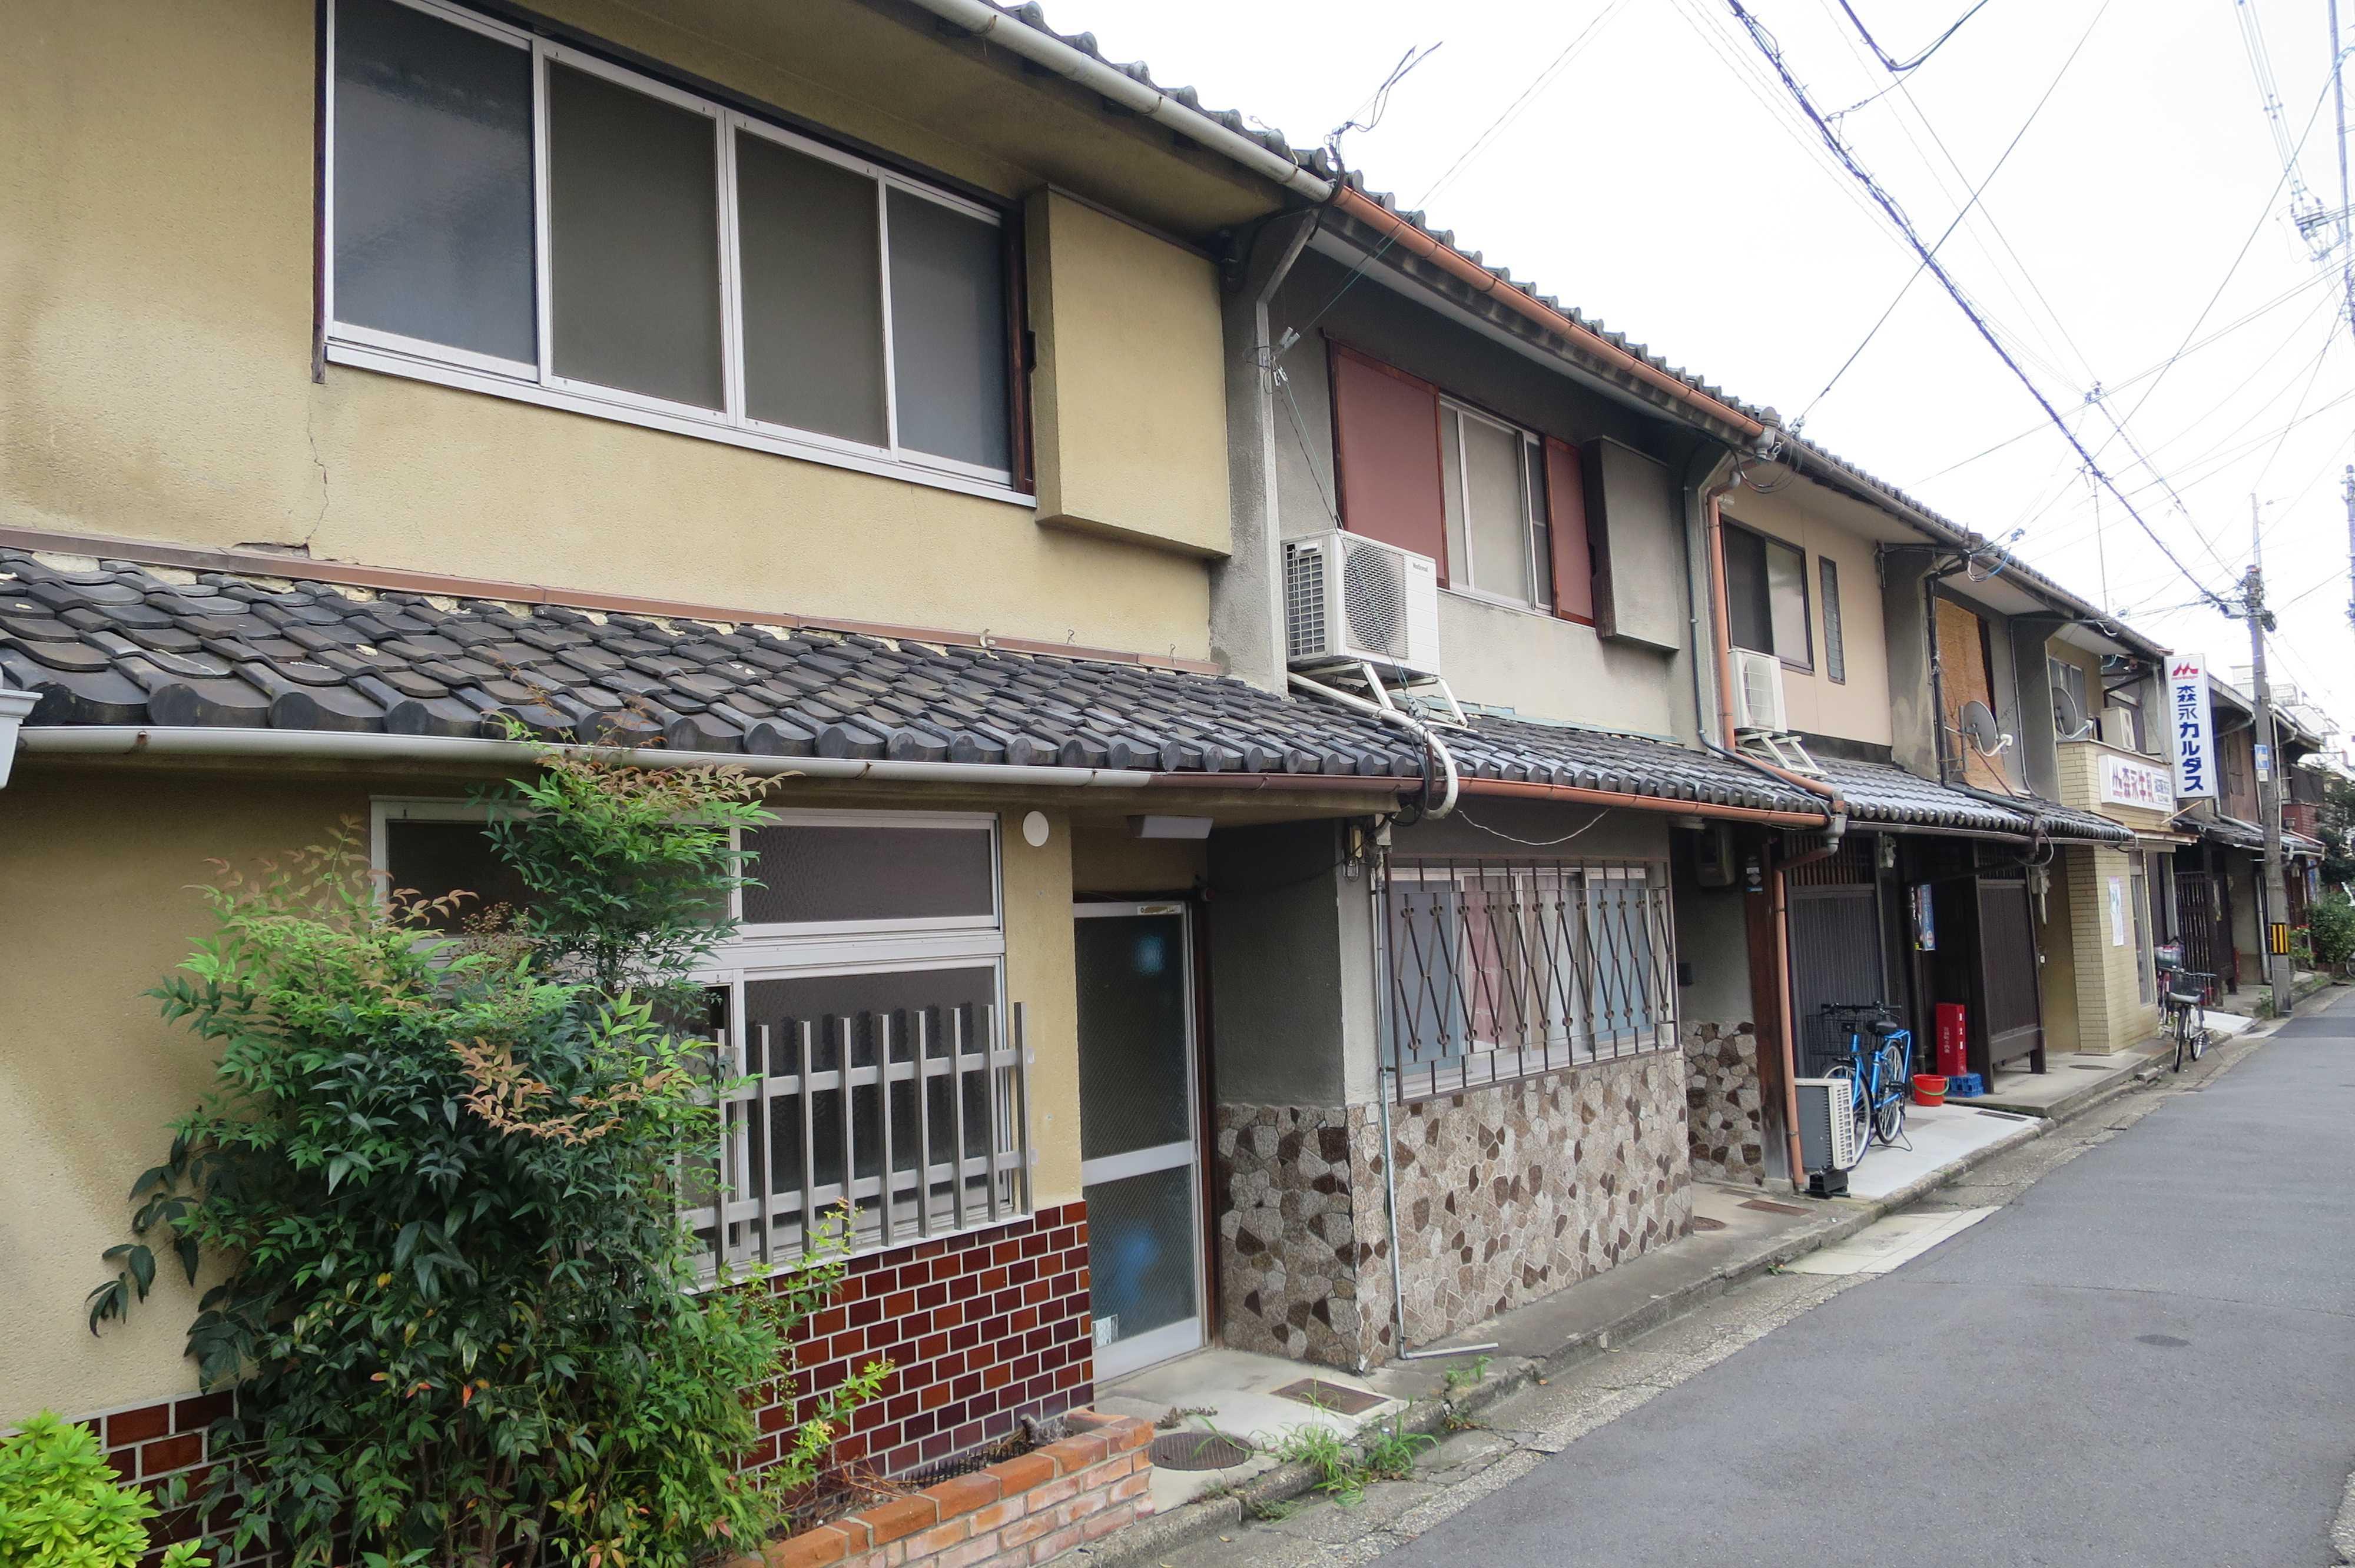 京都 - 昭和の長屋的な建物